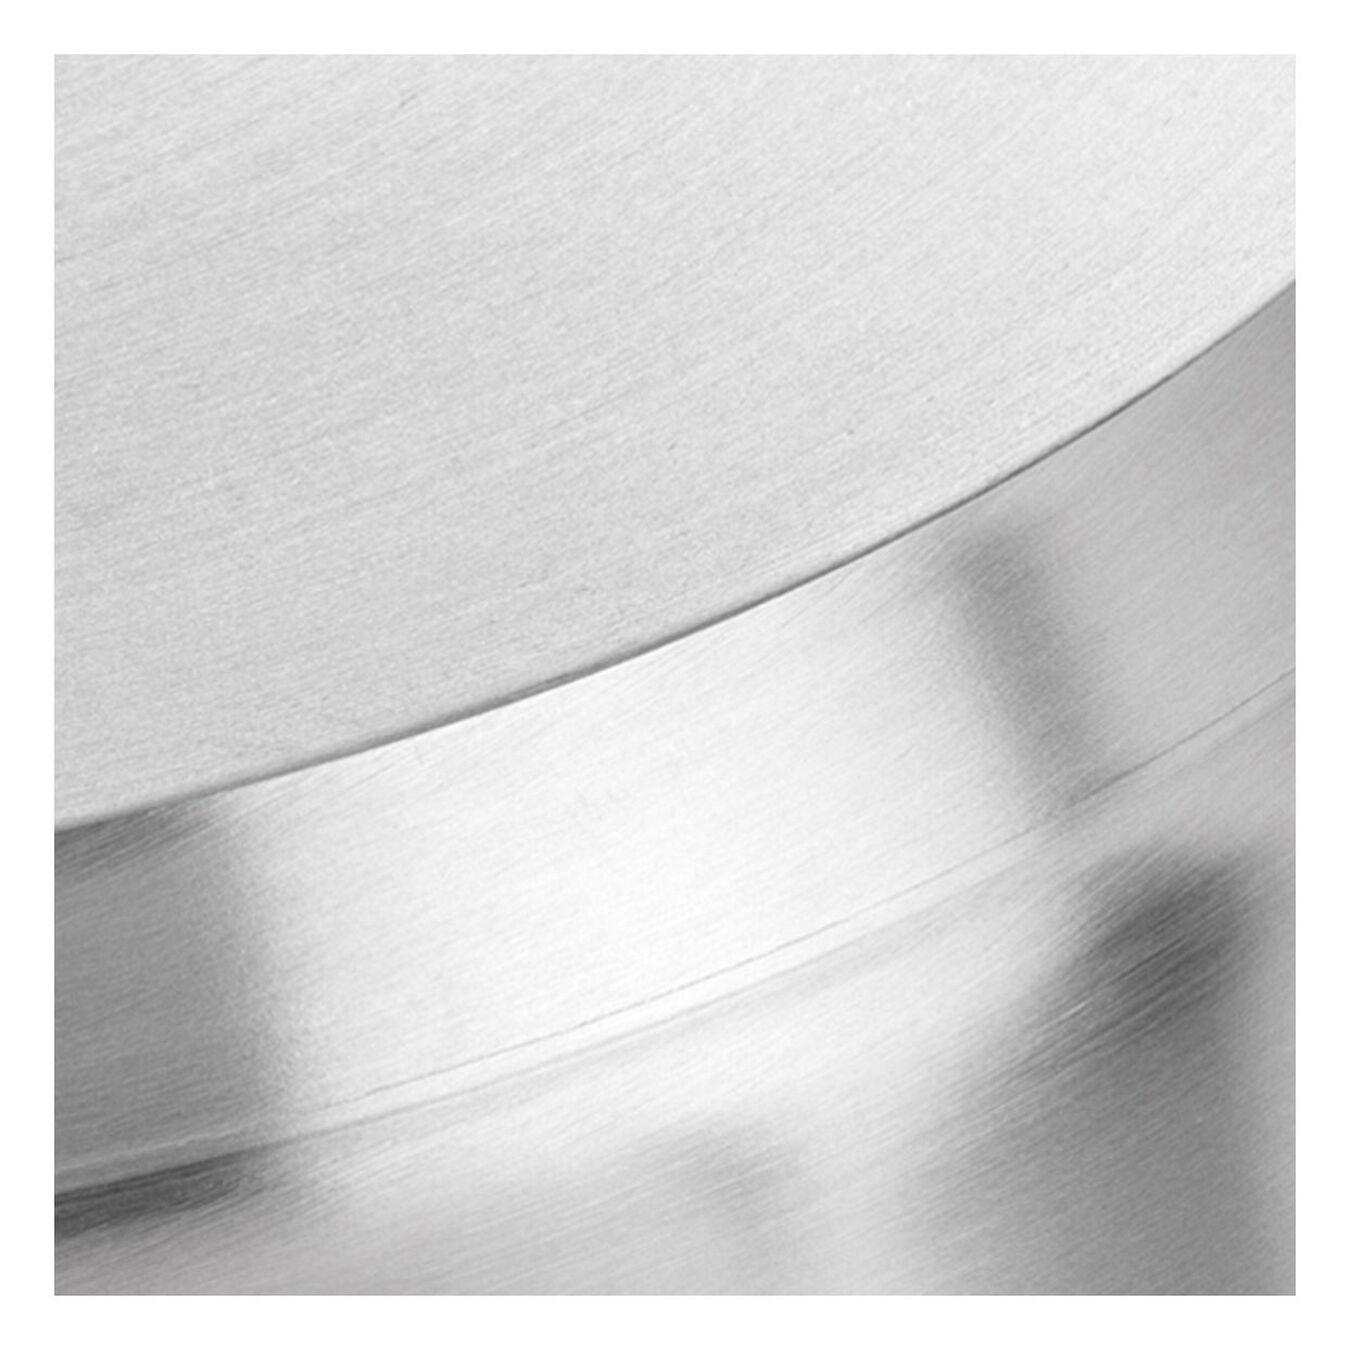 Ensemble de casseroles 3-pcs, Inox 18/10,,large 2